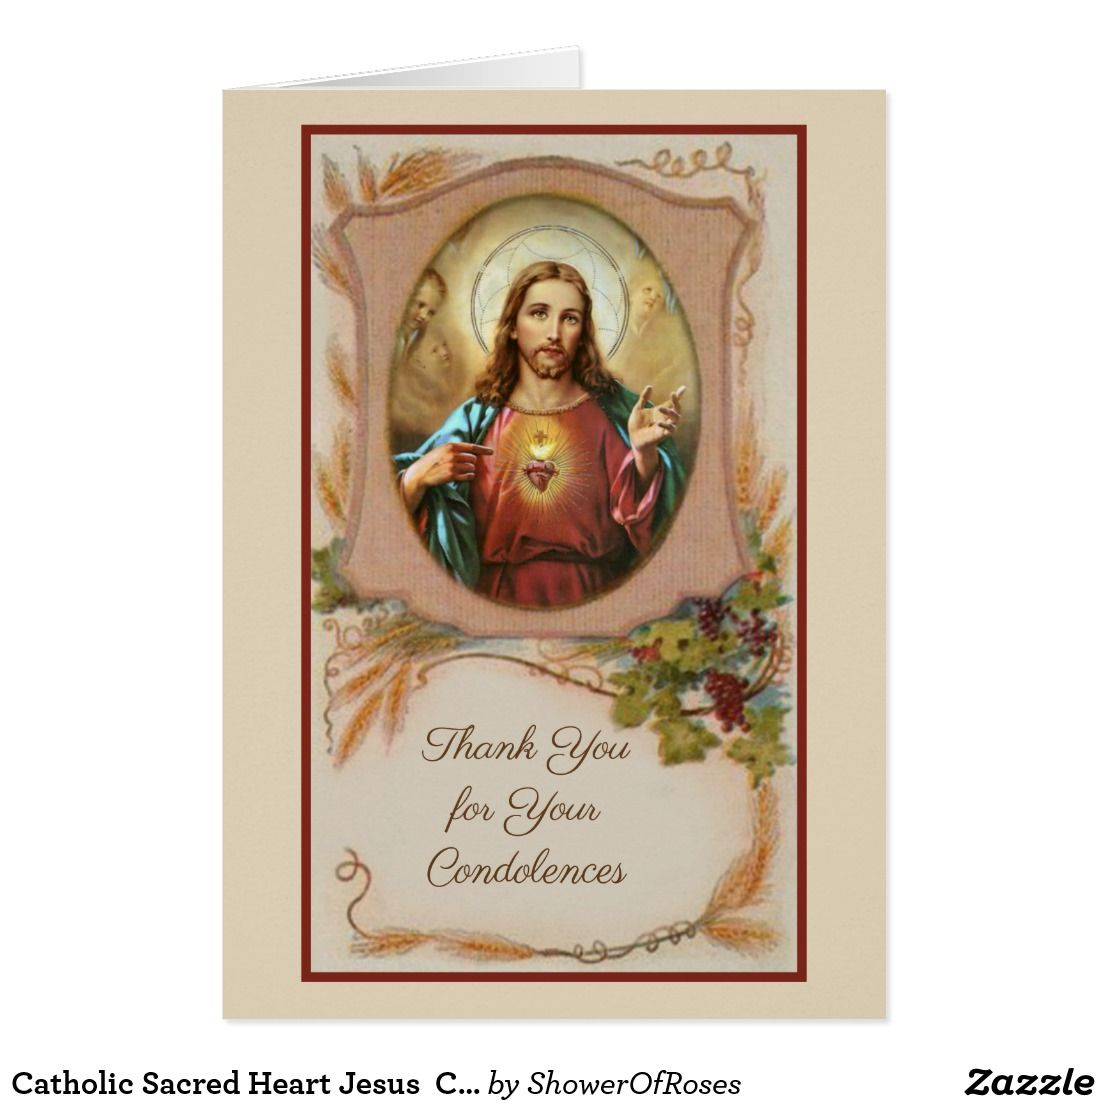 Catholic sacred heart jesus condolence thank you zazzle